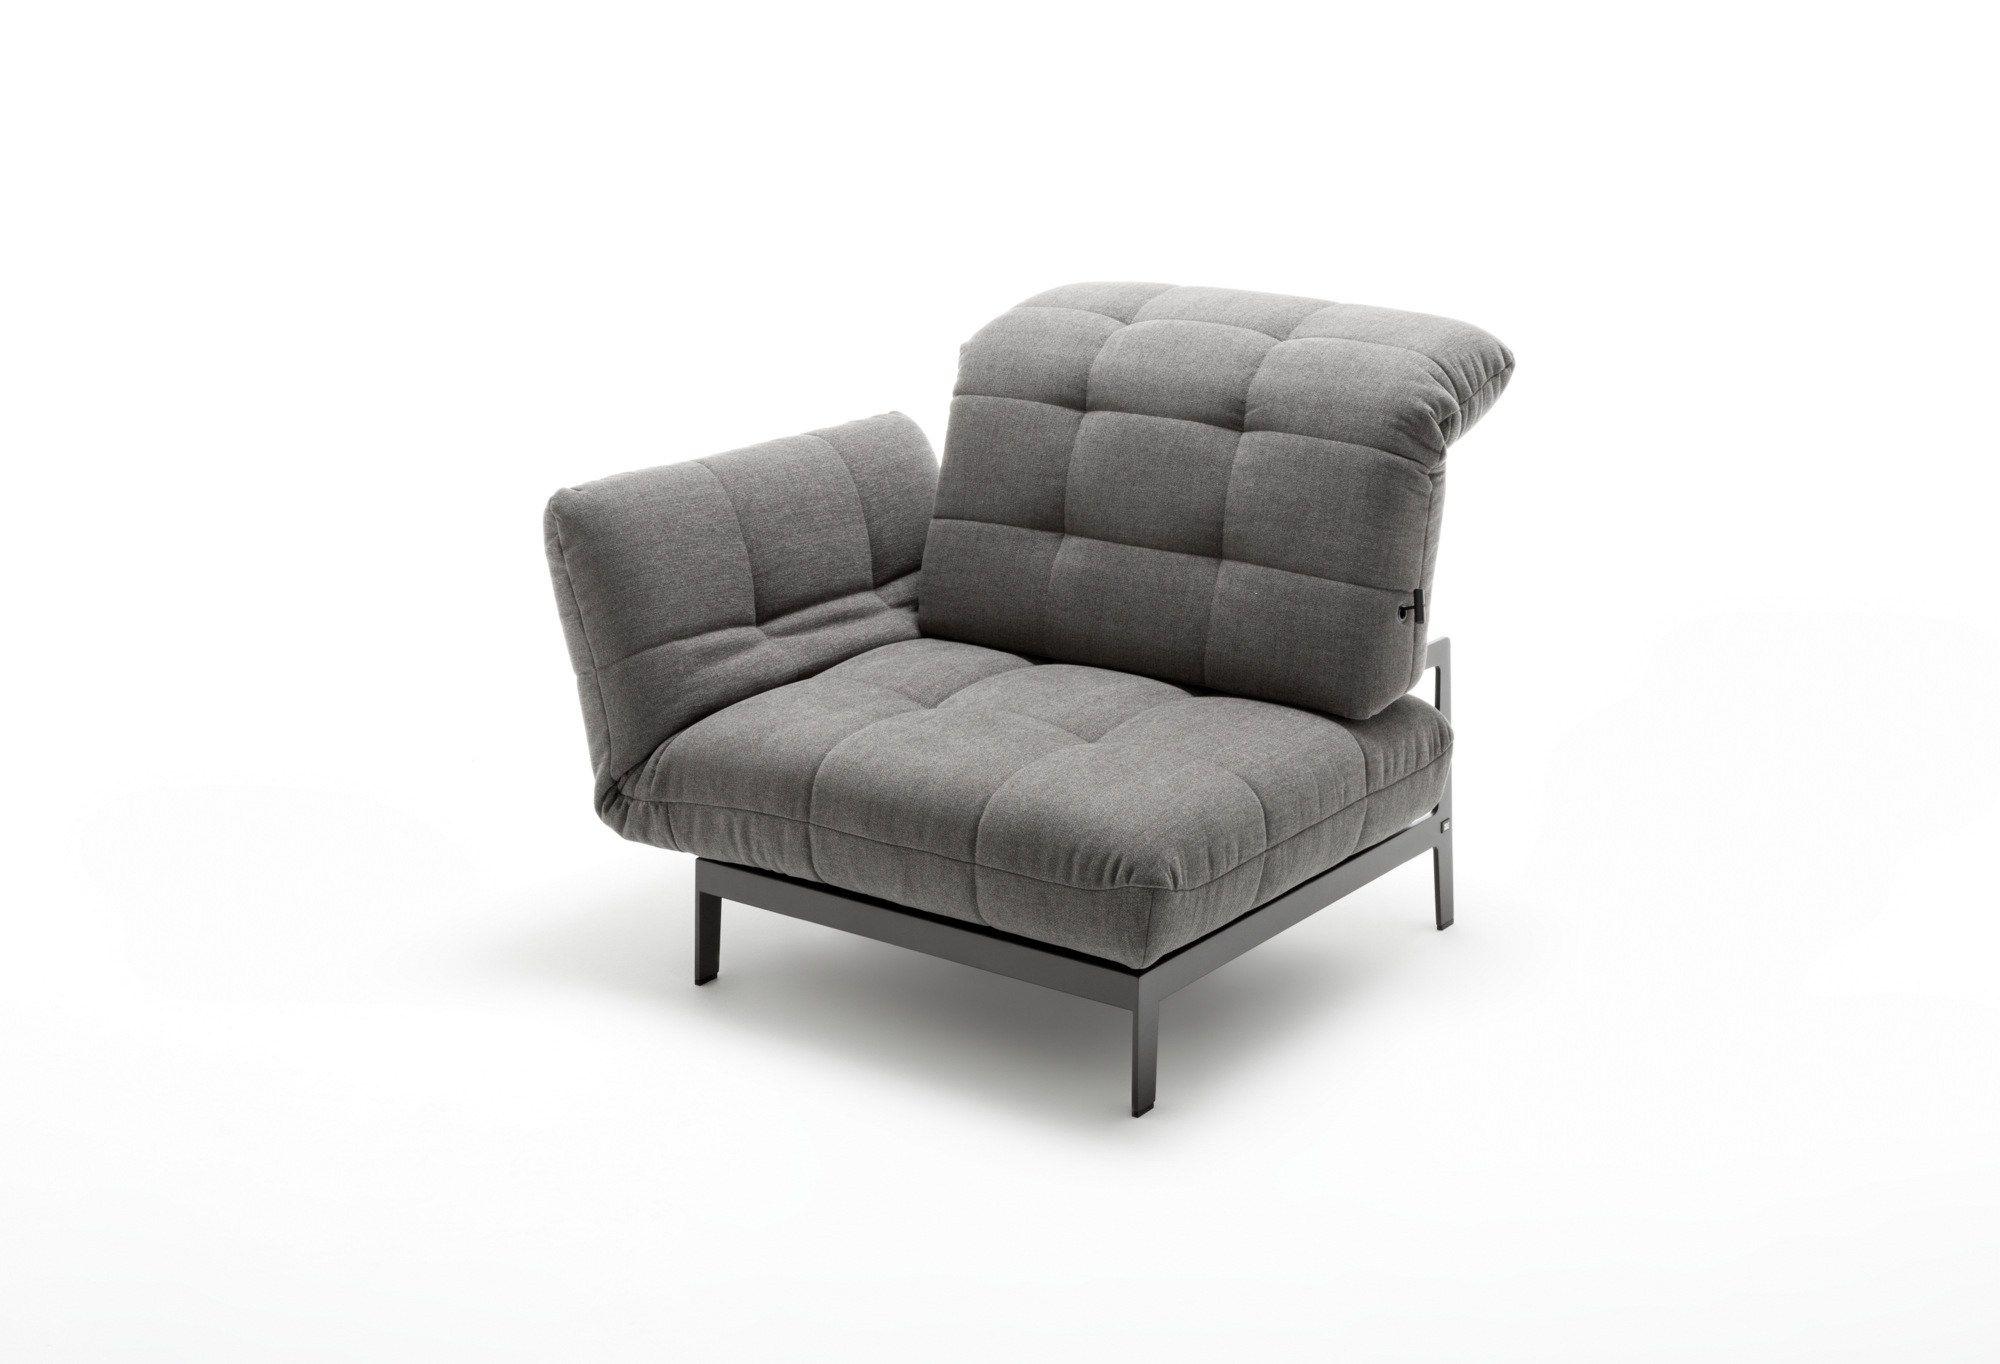 Sofas aus polen top sofas with sofas aus polen beautiful for Rolf benz agio